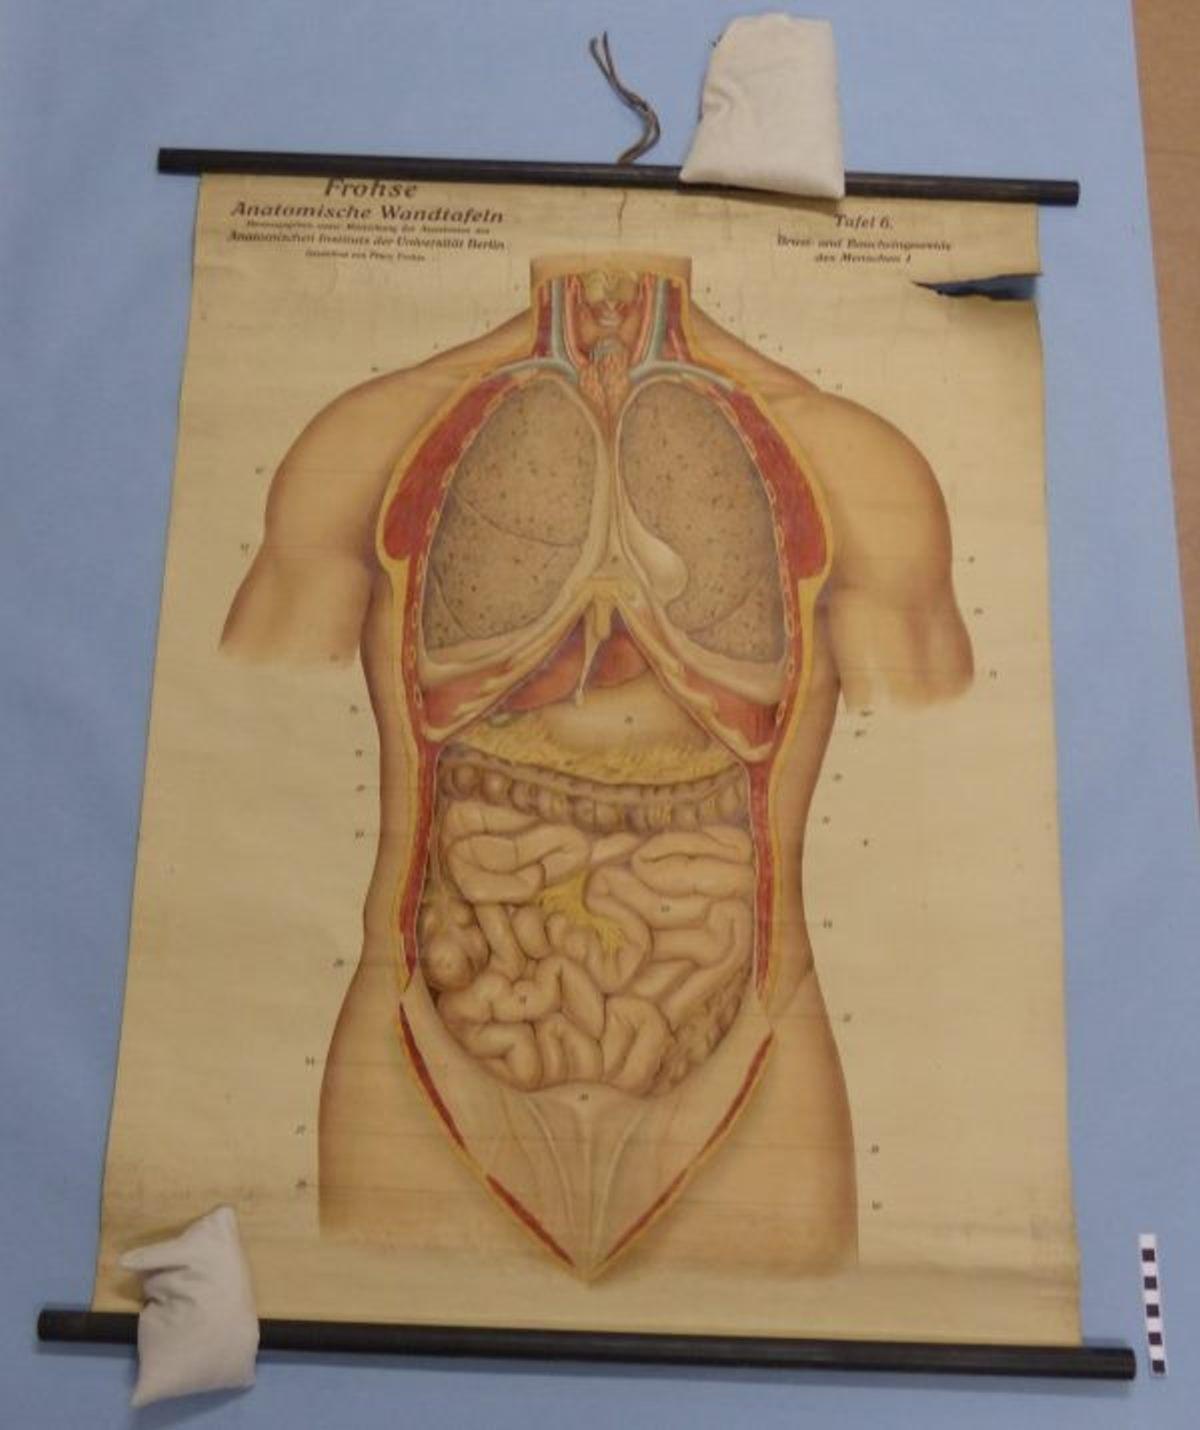 Frohse Anatomische Wandtafeln Tafel Nr. 6 Brust- und Baucheingeweide ...